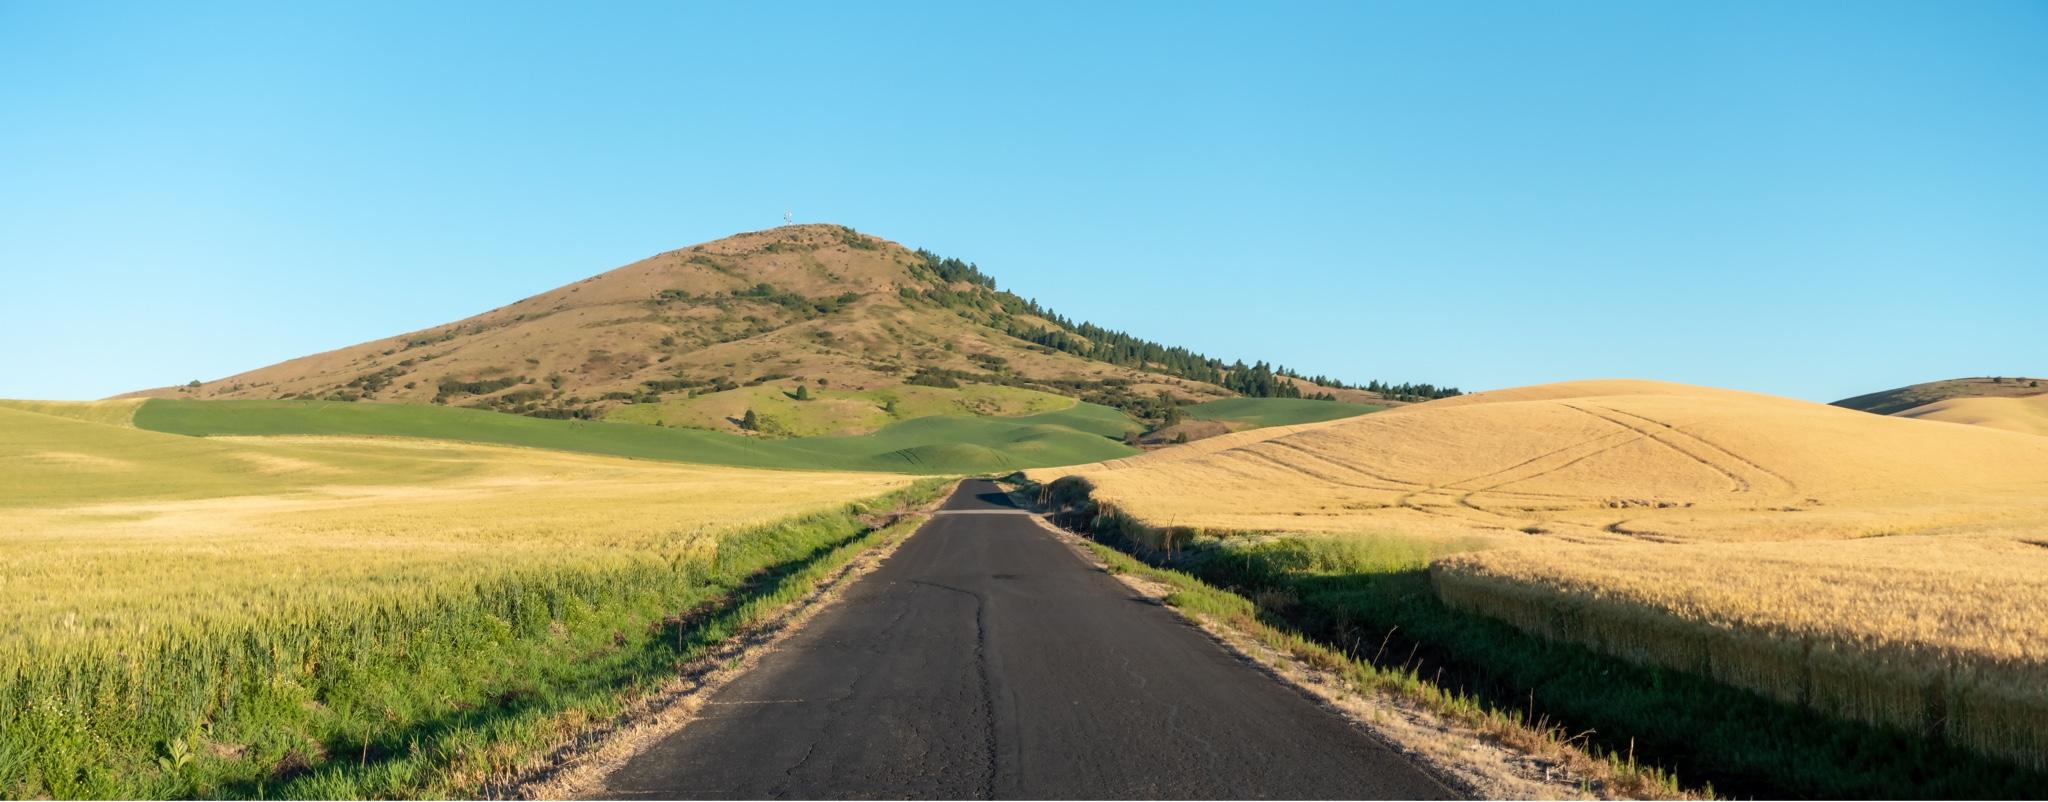 Rural Road in Washington State